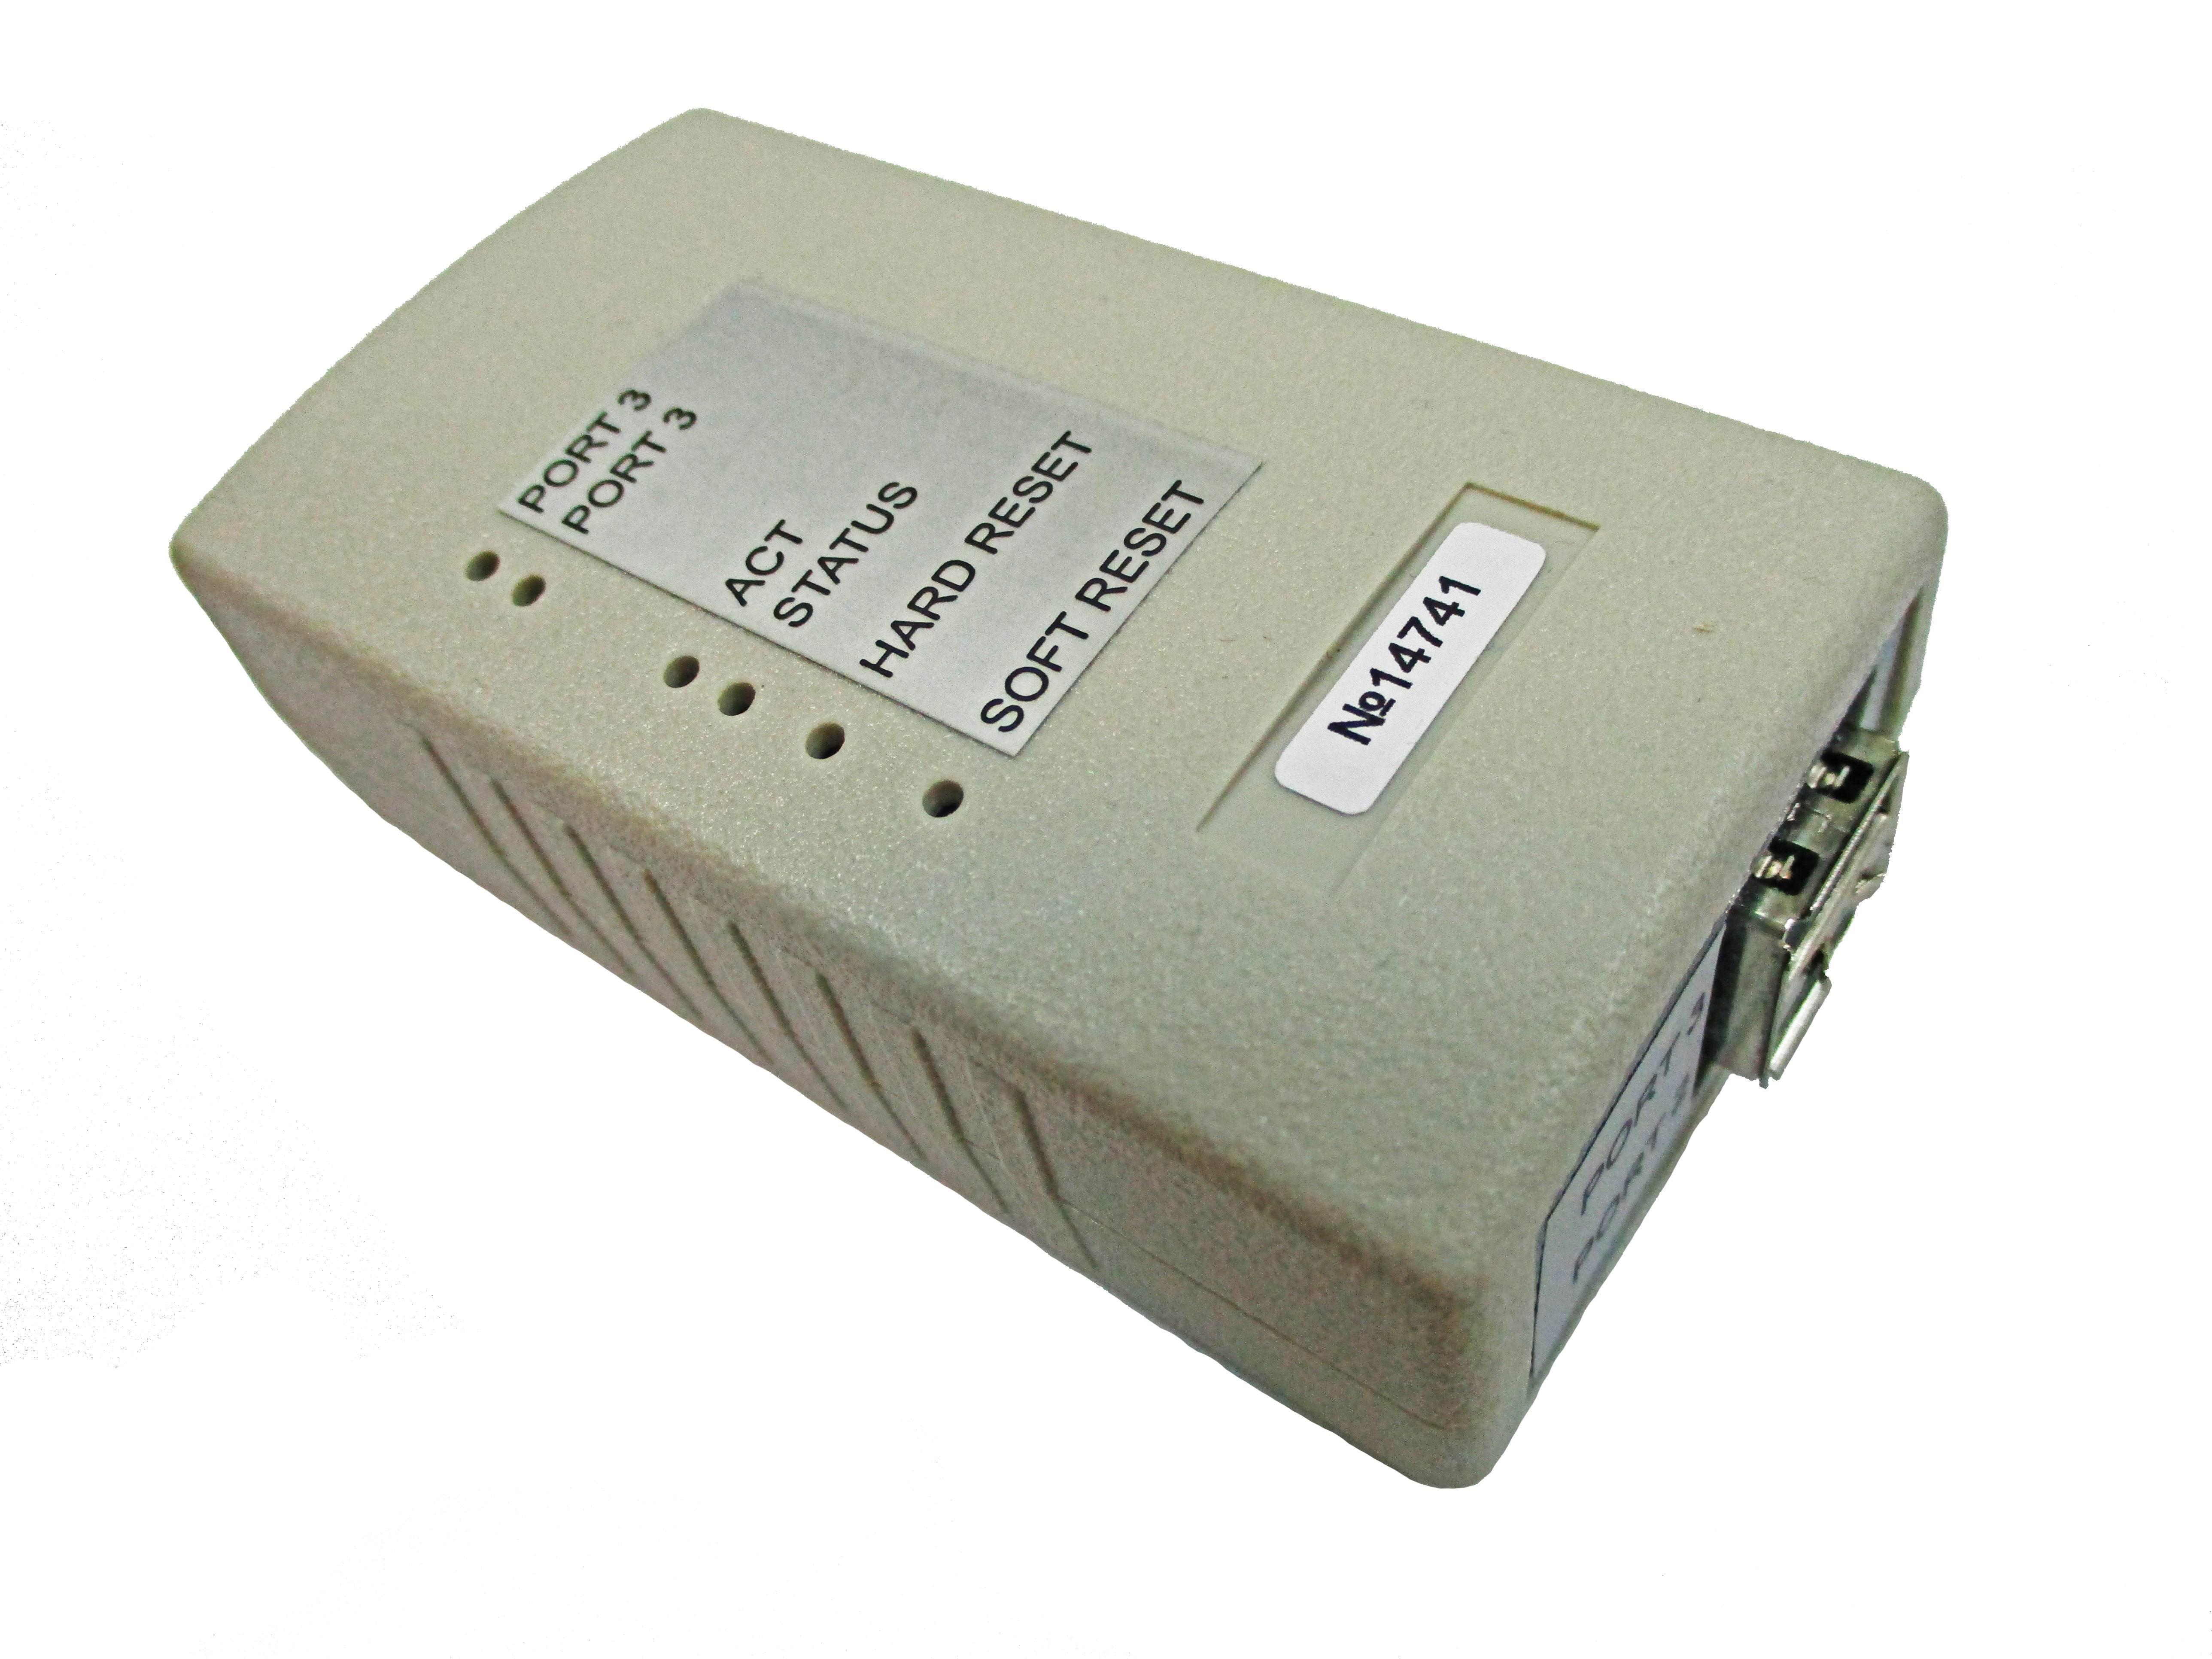 Устройство удаленного администрирования мини АТС . Maciocom Remote Controller. изображение